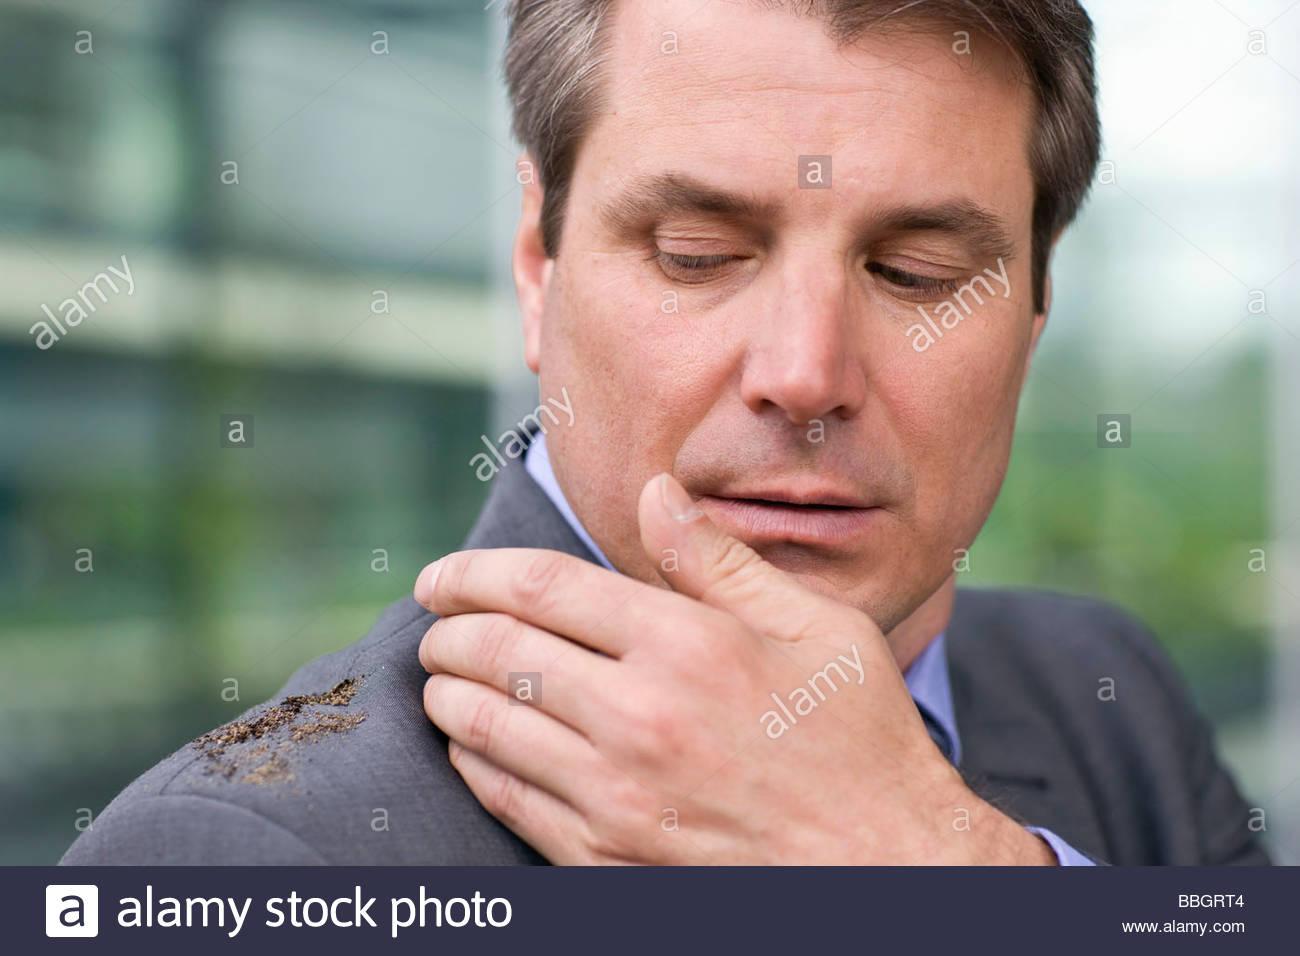 Mature businessmen brushing dirt off shoulder - Stock Image